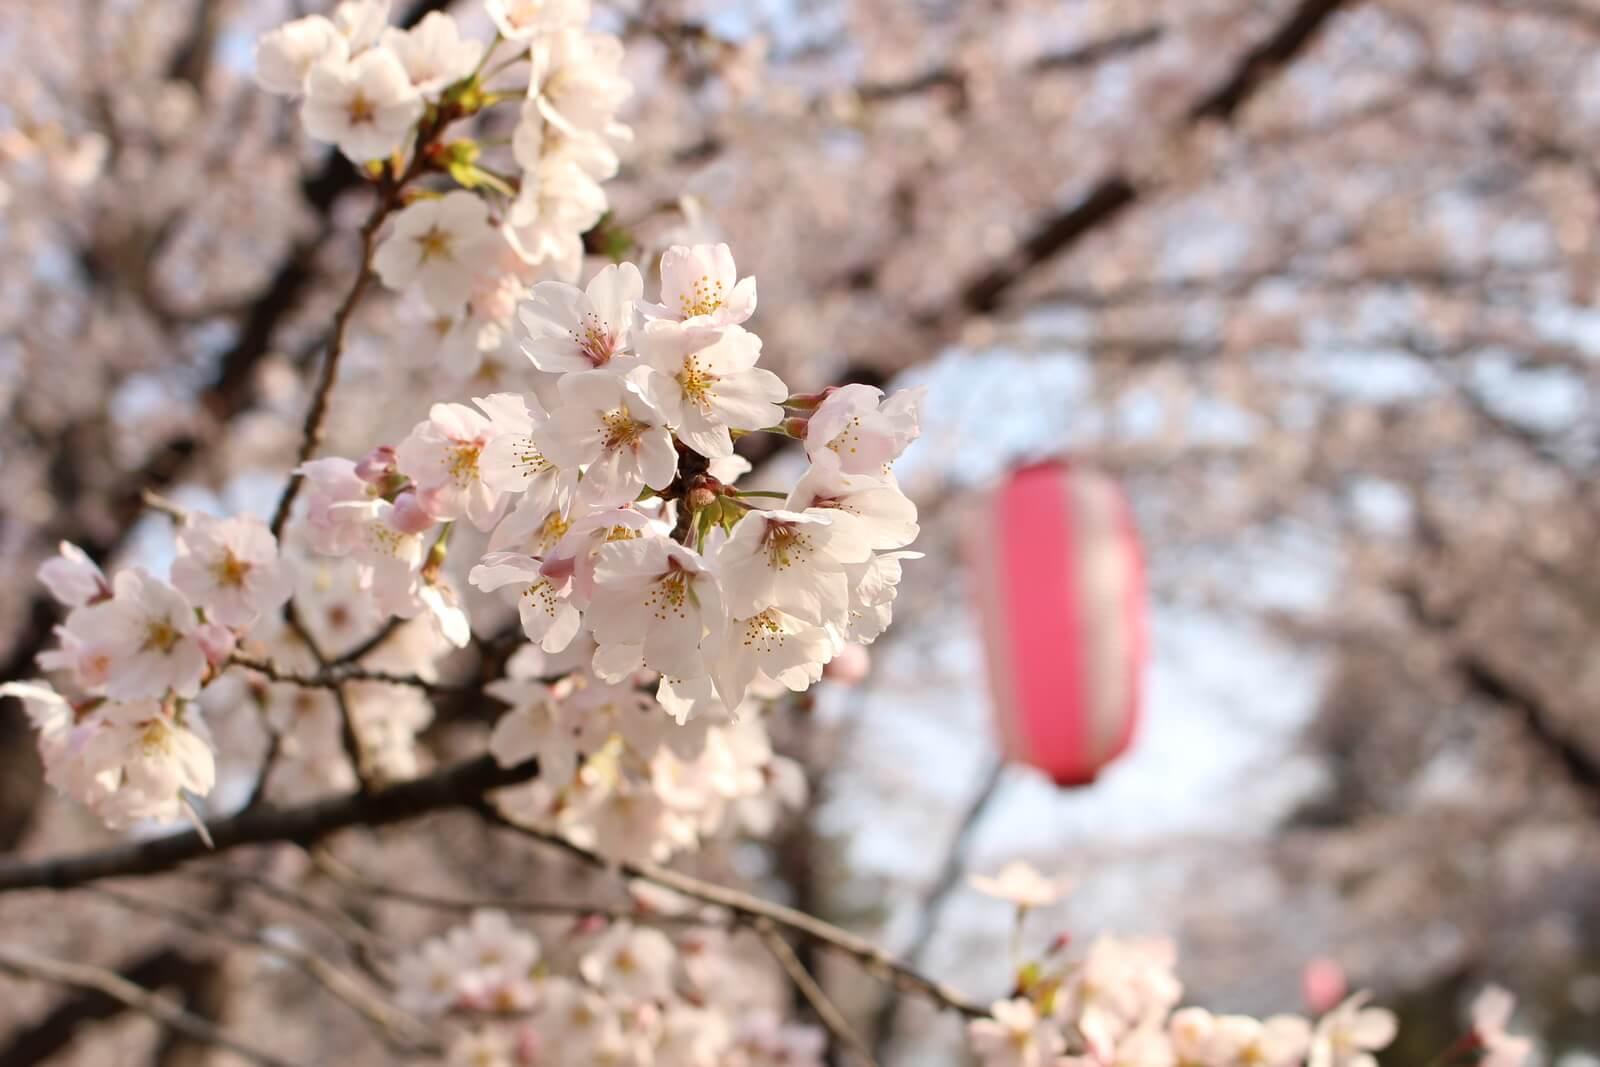 キレイに桜が咲き始めて、そろそろ満開が待ち遠しい